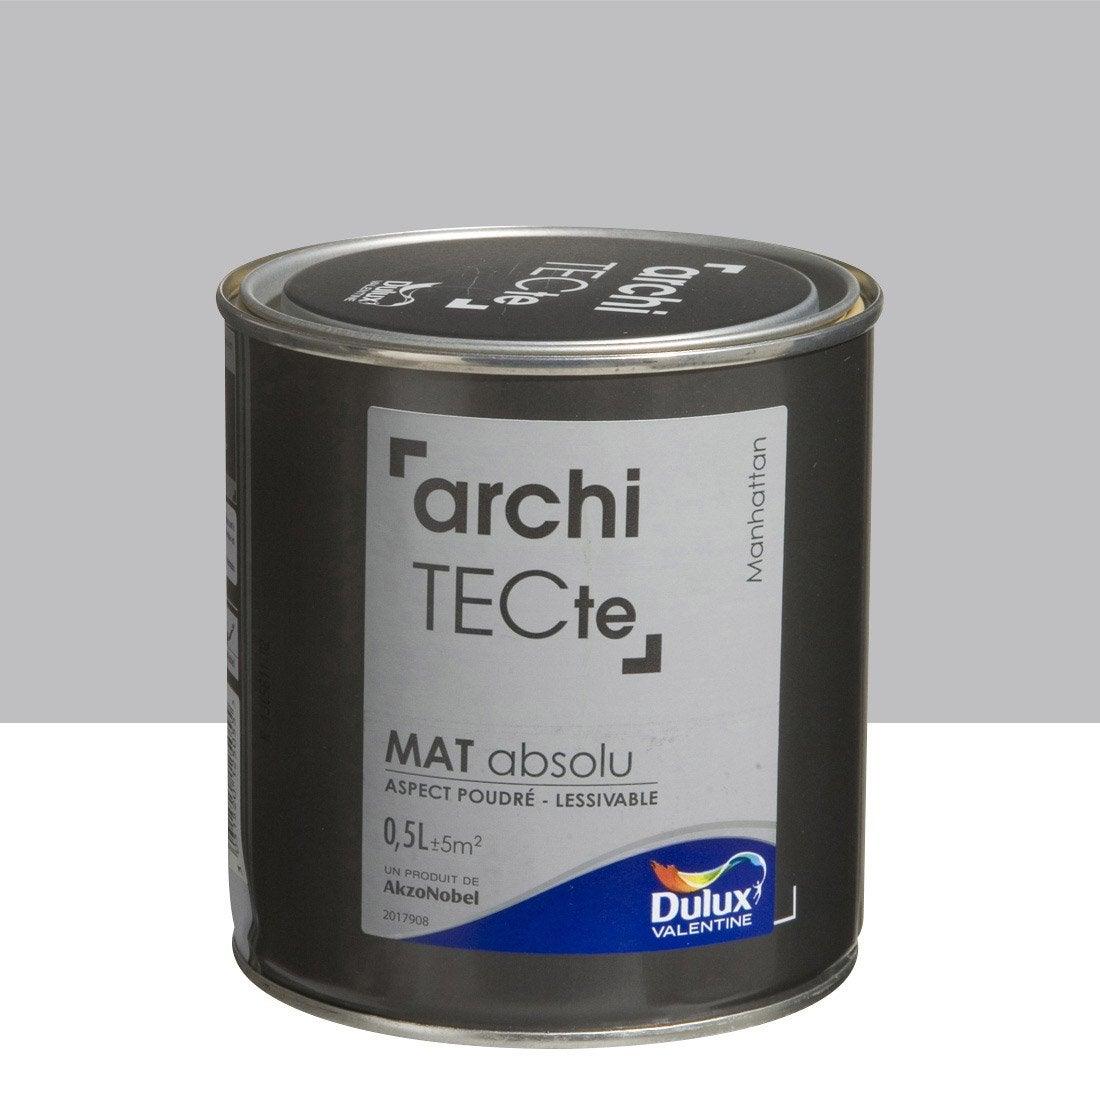 Peinture gris manhattan dulux valentine architecte 0 5 l - Peinture dulux valentine avis ...